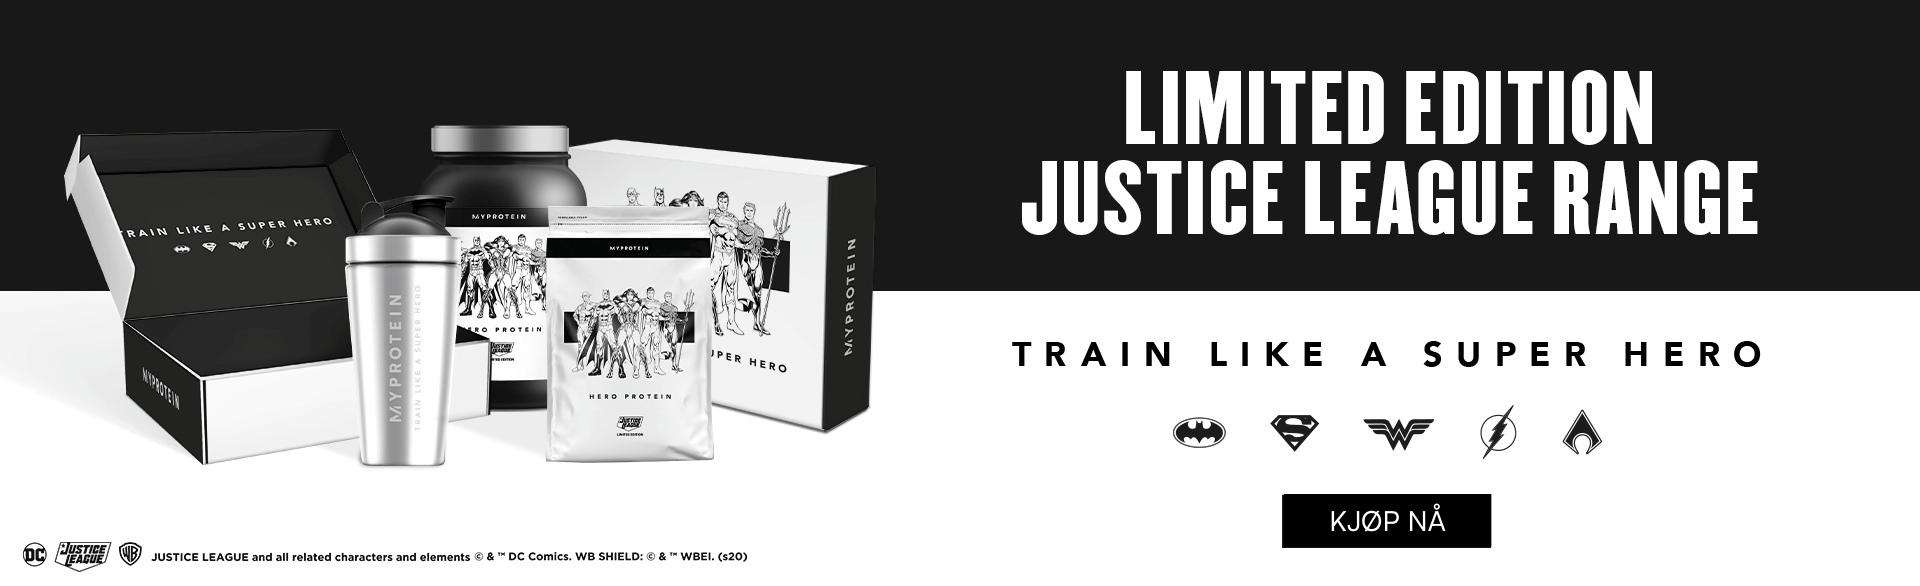 Train Like a Super Hero